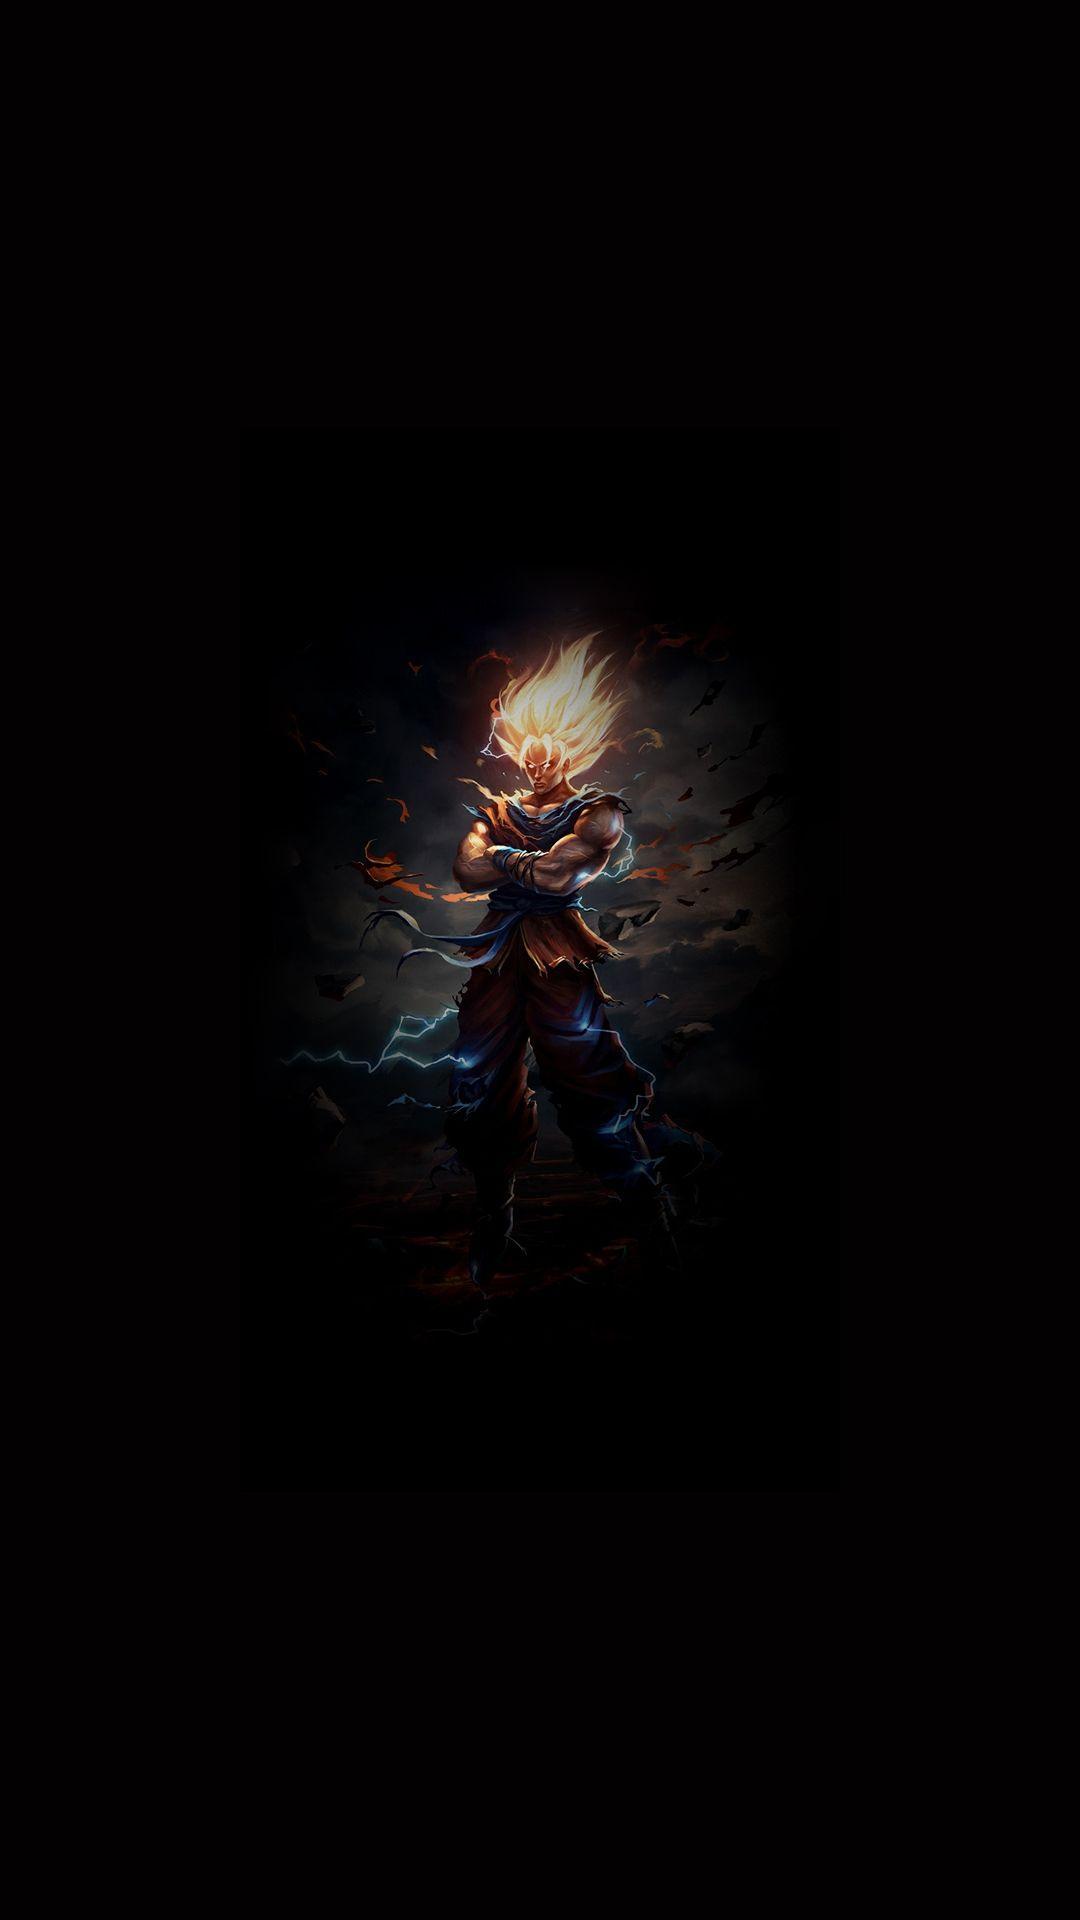 Badass Black Goku Wallpapers - Top Free Badass Black Goku ...